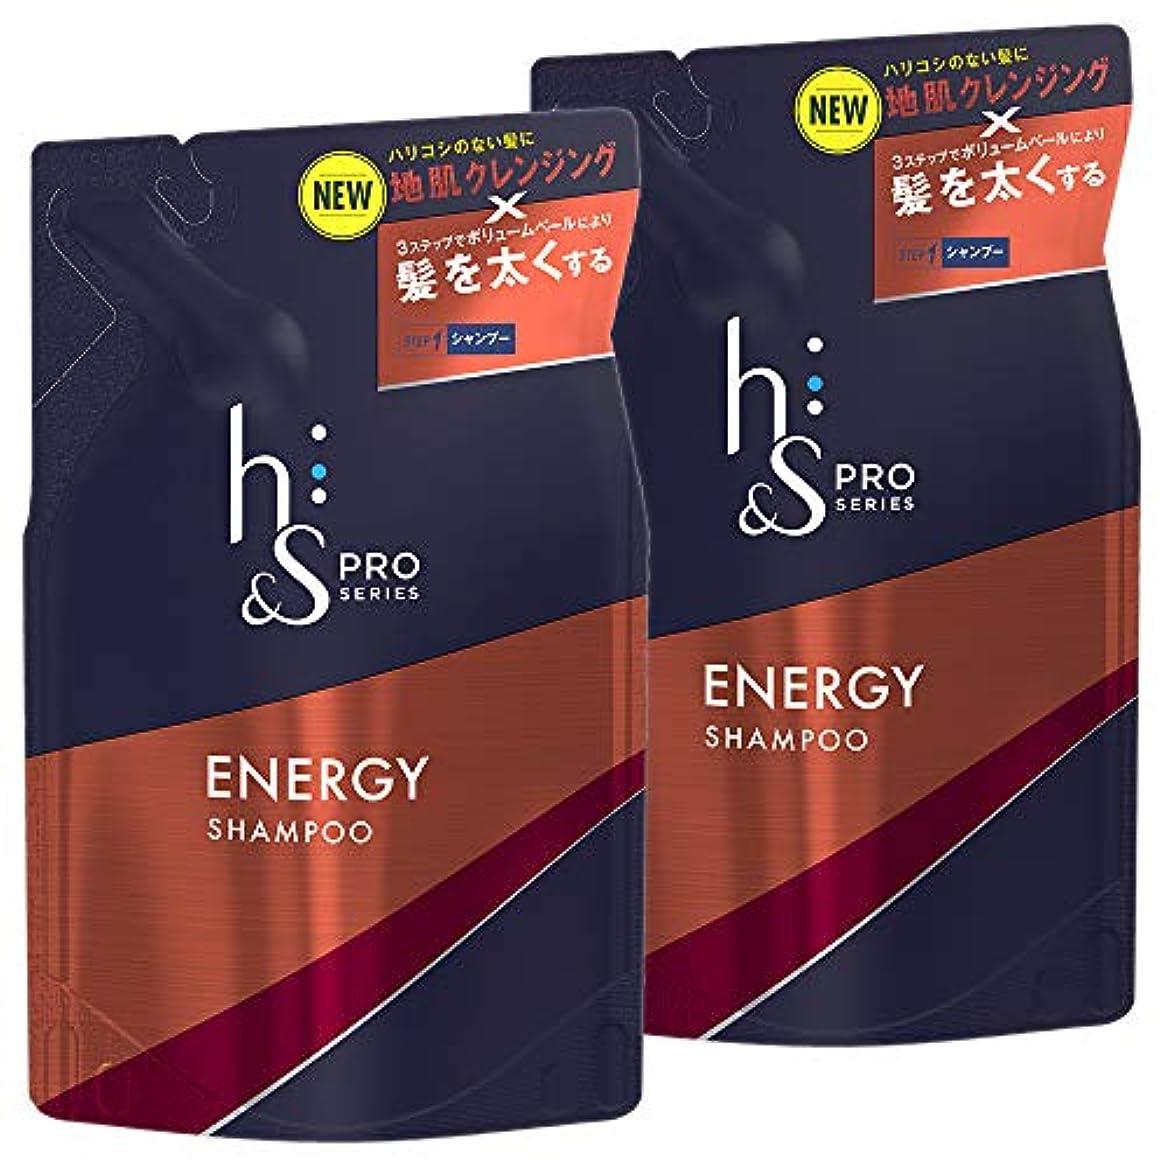 出発する者長々と【まとめ買い】 h&s for men シャンプー PRO Series エナジー 詰め替え 300mL×2個